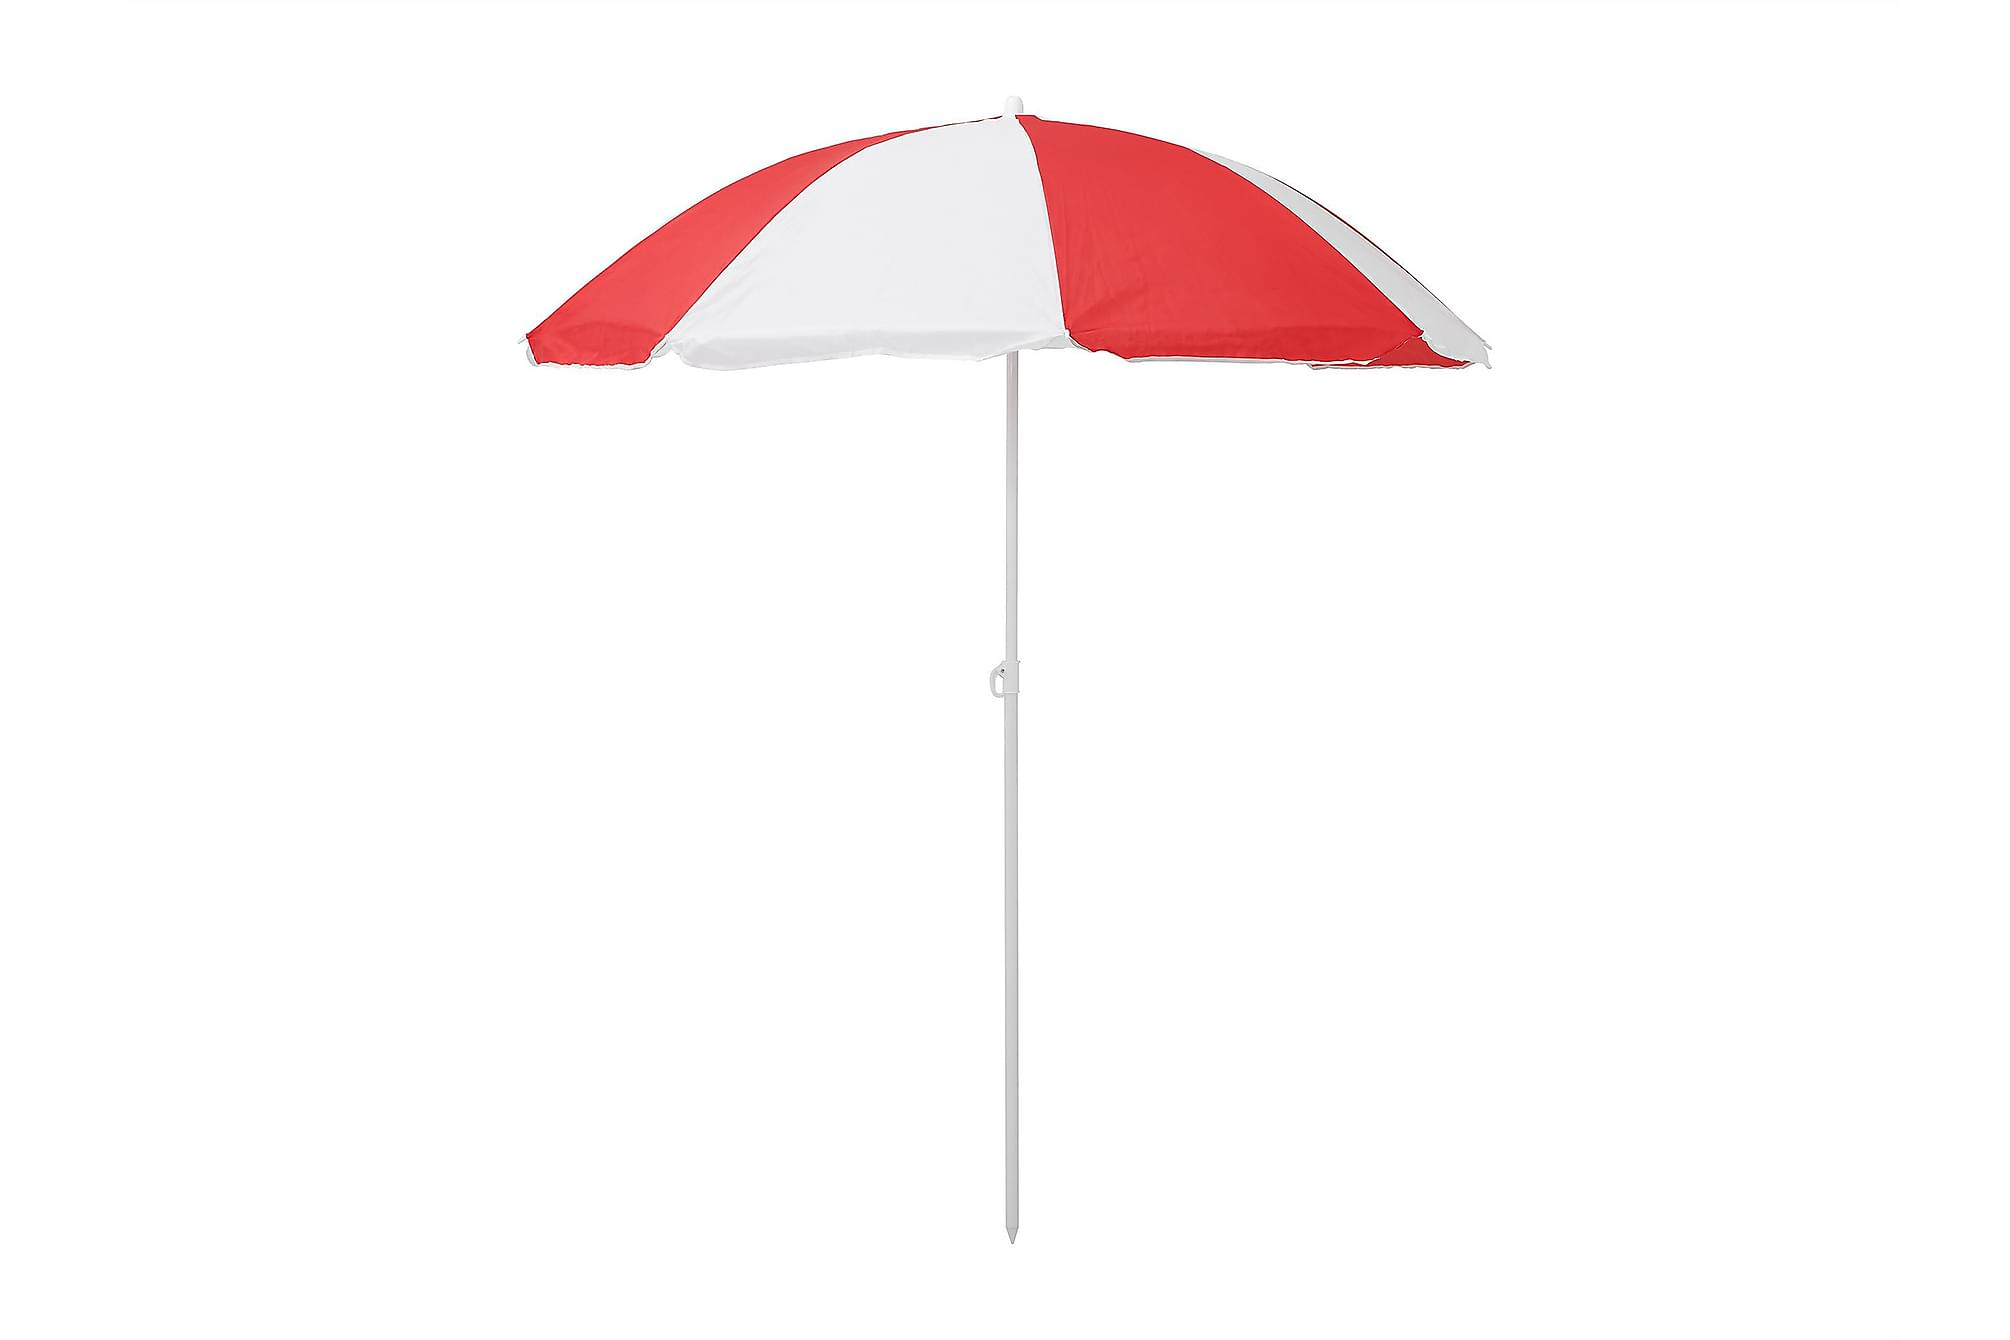 GLEN Parasoll 157 Randig Röd/Vit, Parasoll